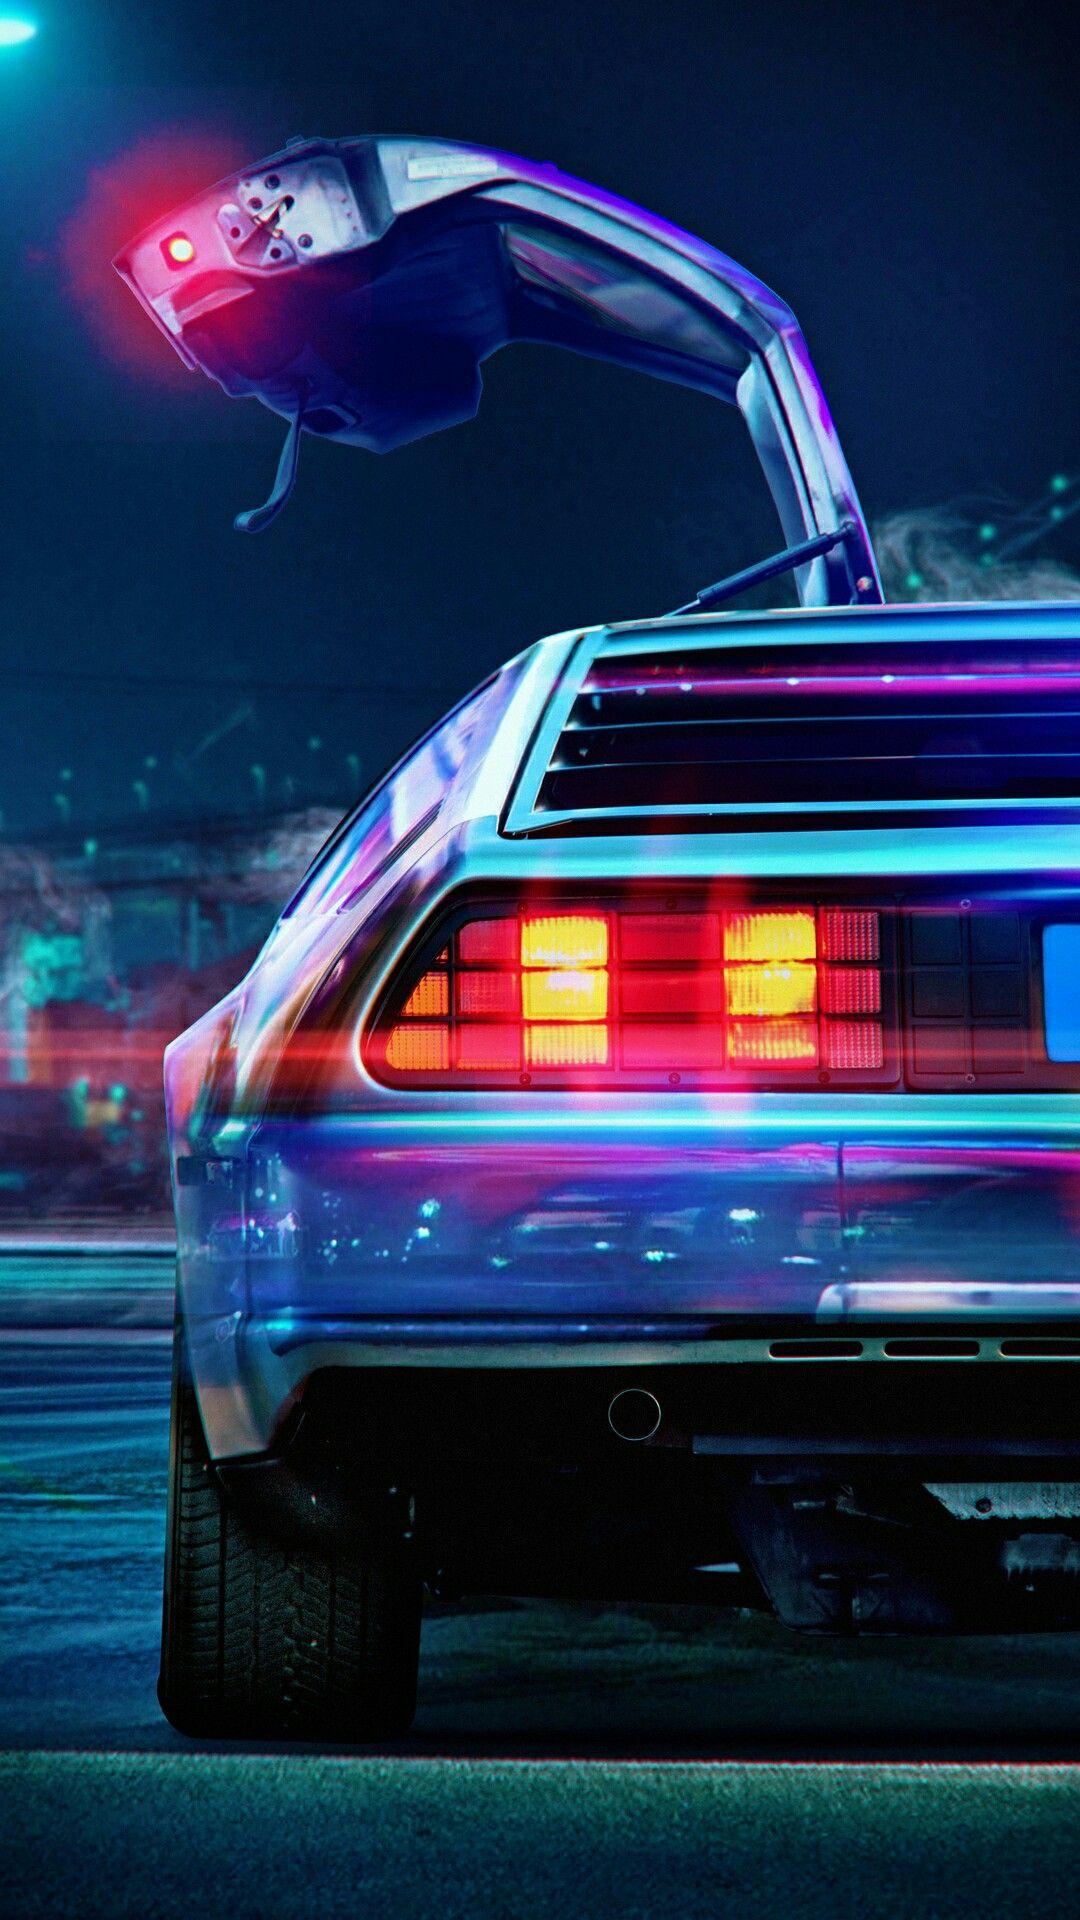 Pin by Mia W. on Cars iPhone Wallpaper   Delorean, Neon ...